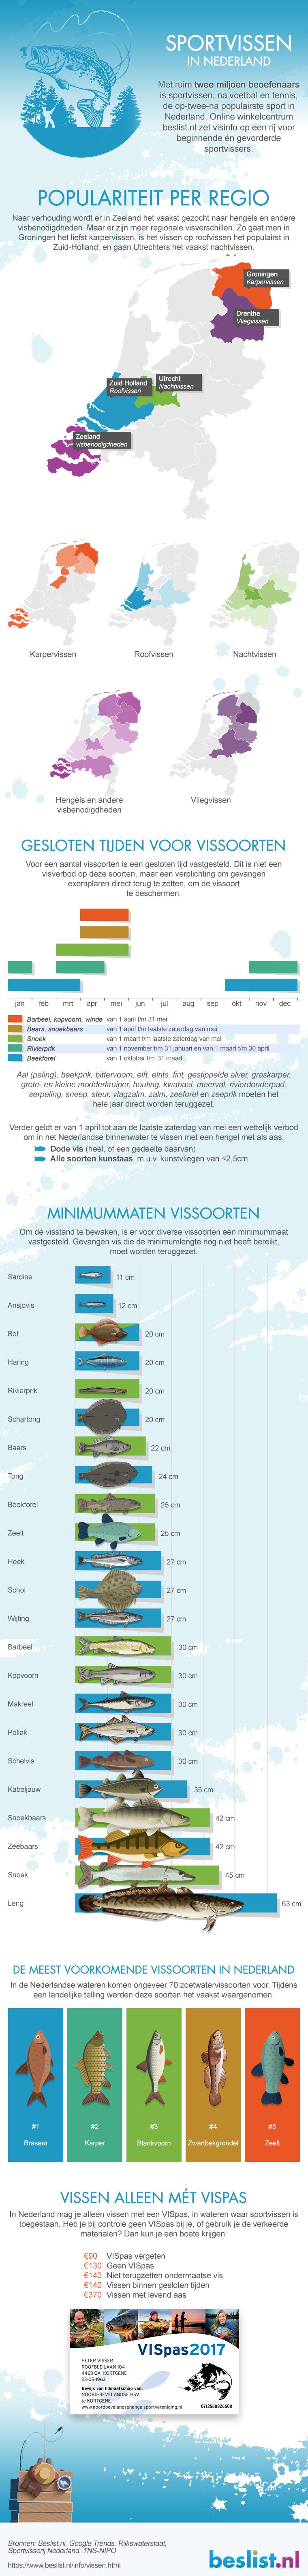 Infographic vissen